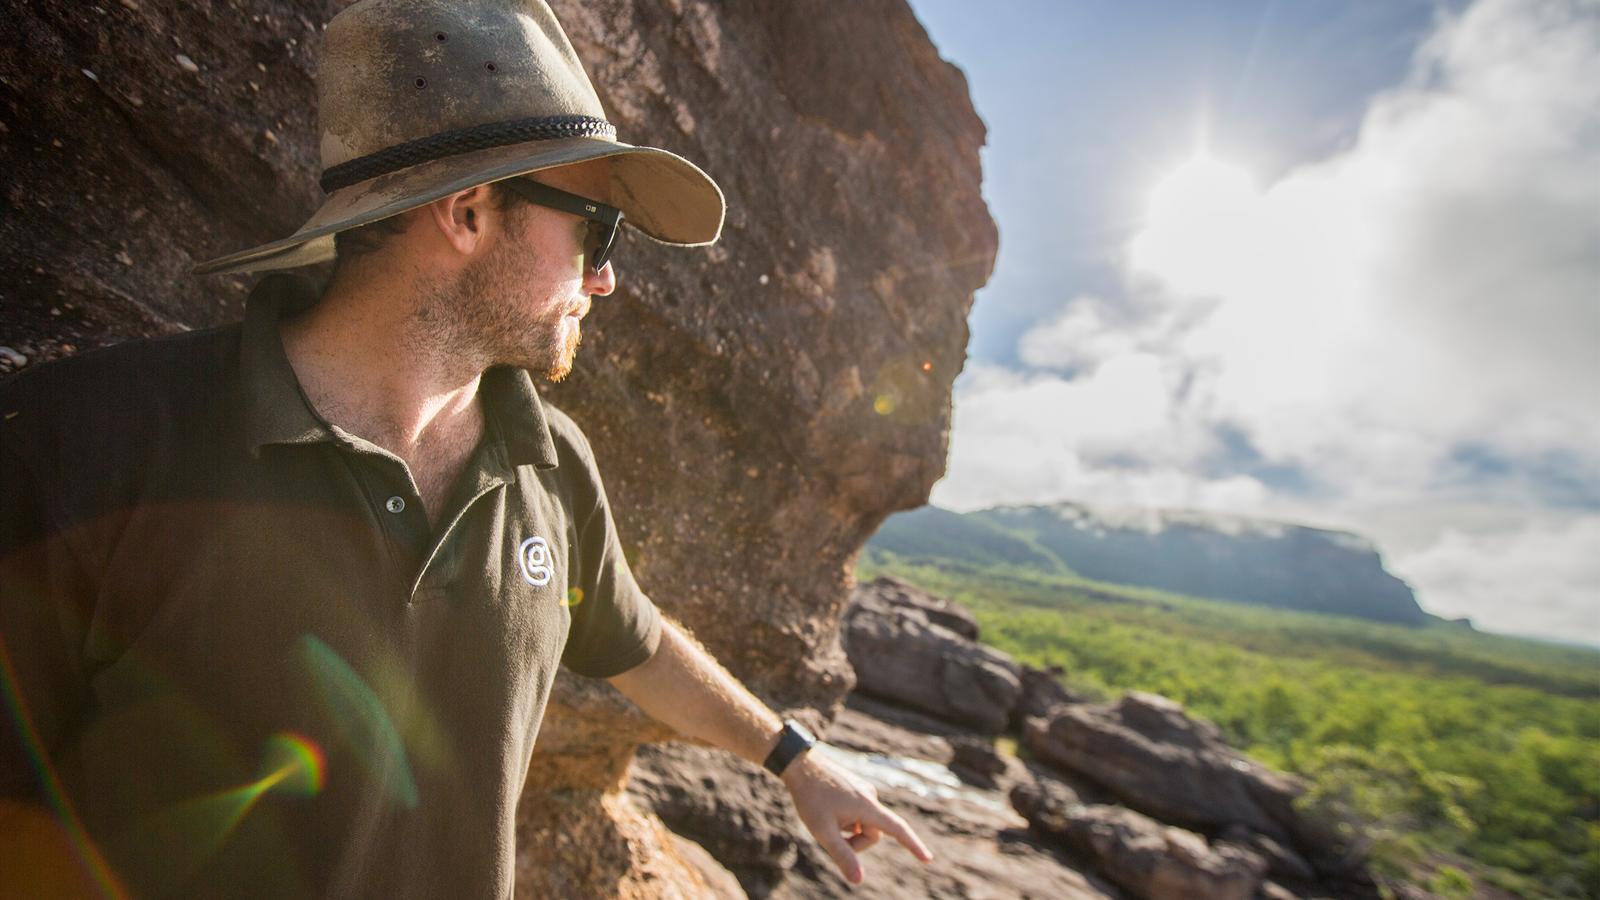 traveljunkies Australien Kakadu Nationalpark Alice Springs Abenteuerreise Gruppenreise Erlebnisreise Ayers Rock Reisen für junge Leute